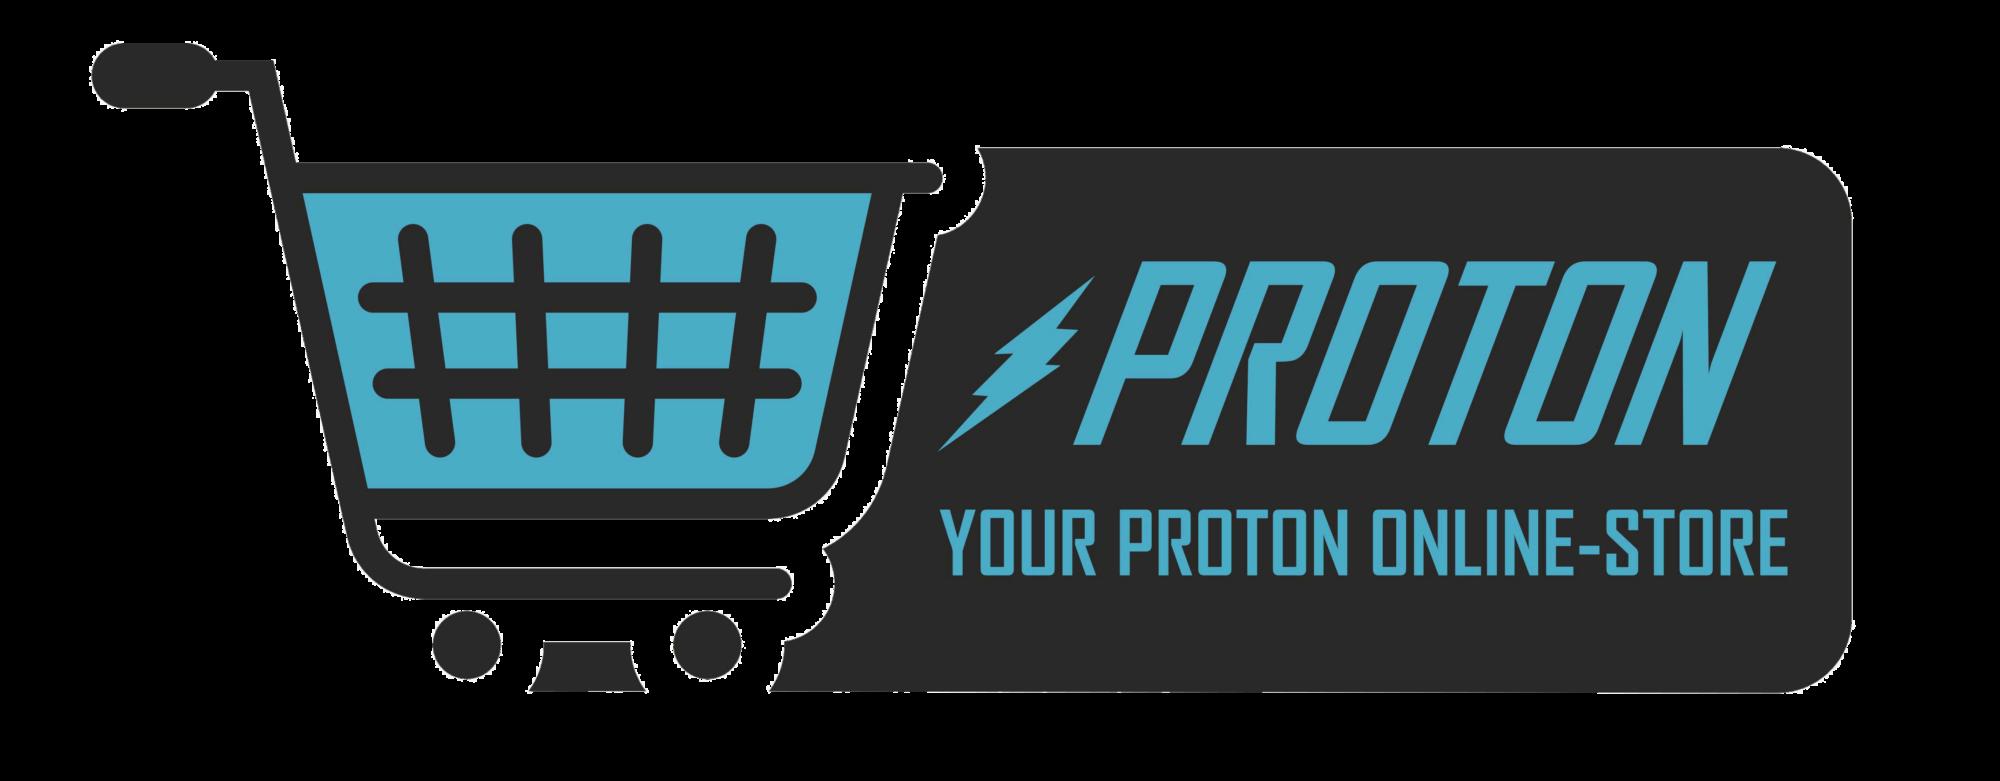 Logo Proton Store - Your Proton Online Store